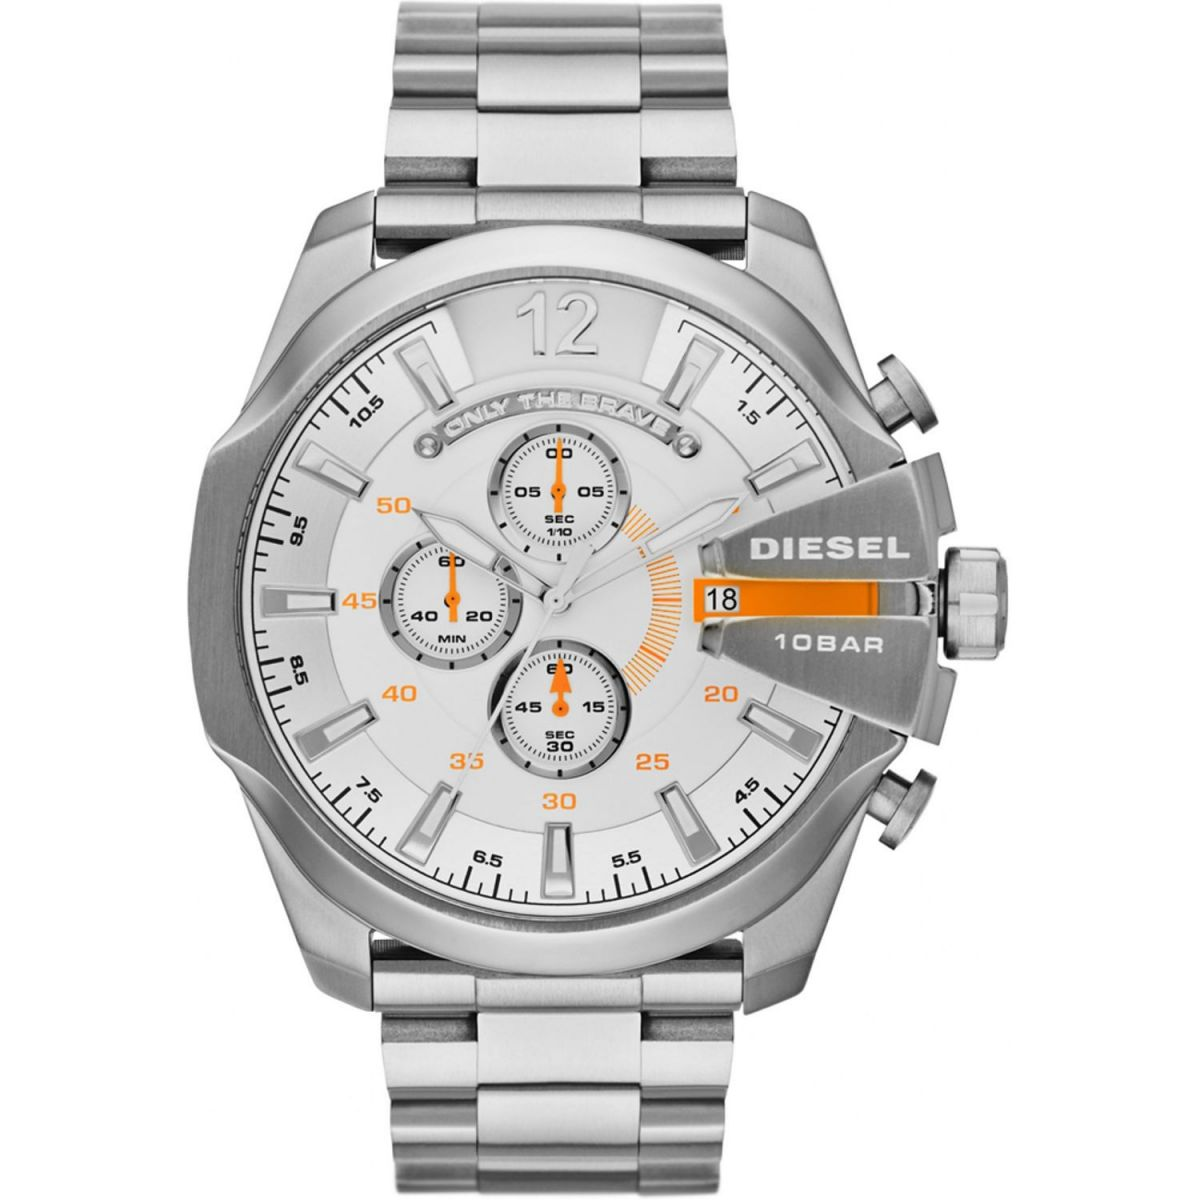 Orologio Diesel Mega Chief DZ4328 Cronografo in acciaio